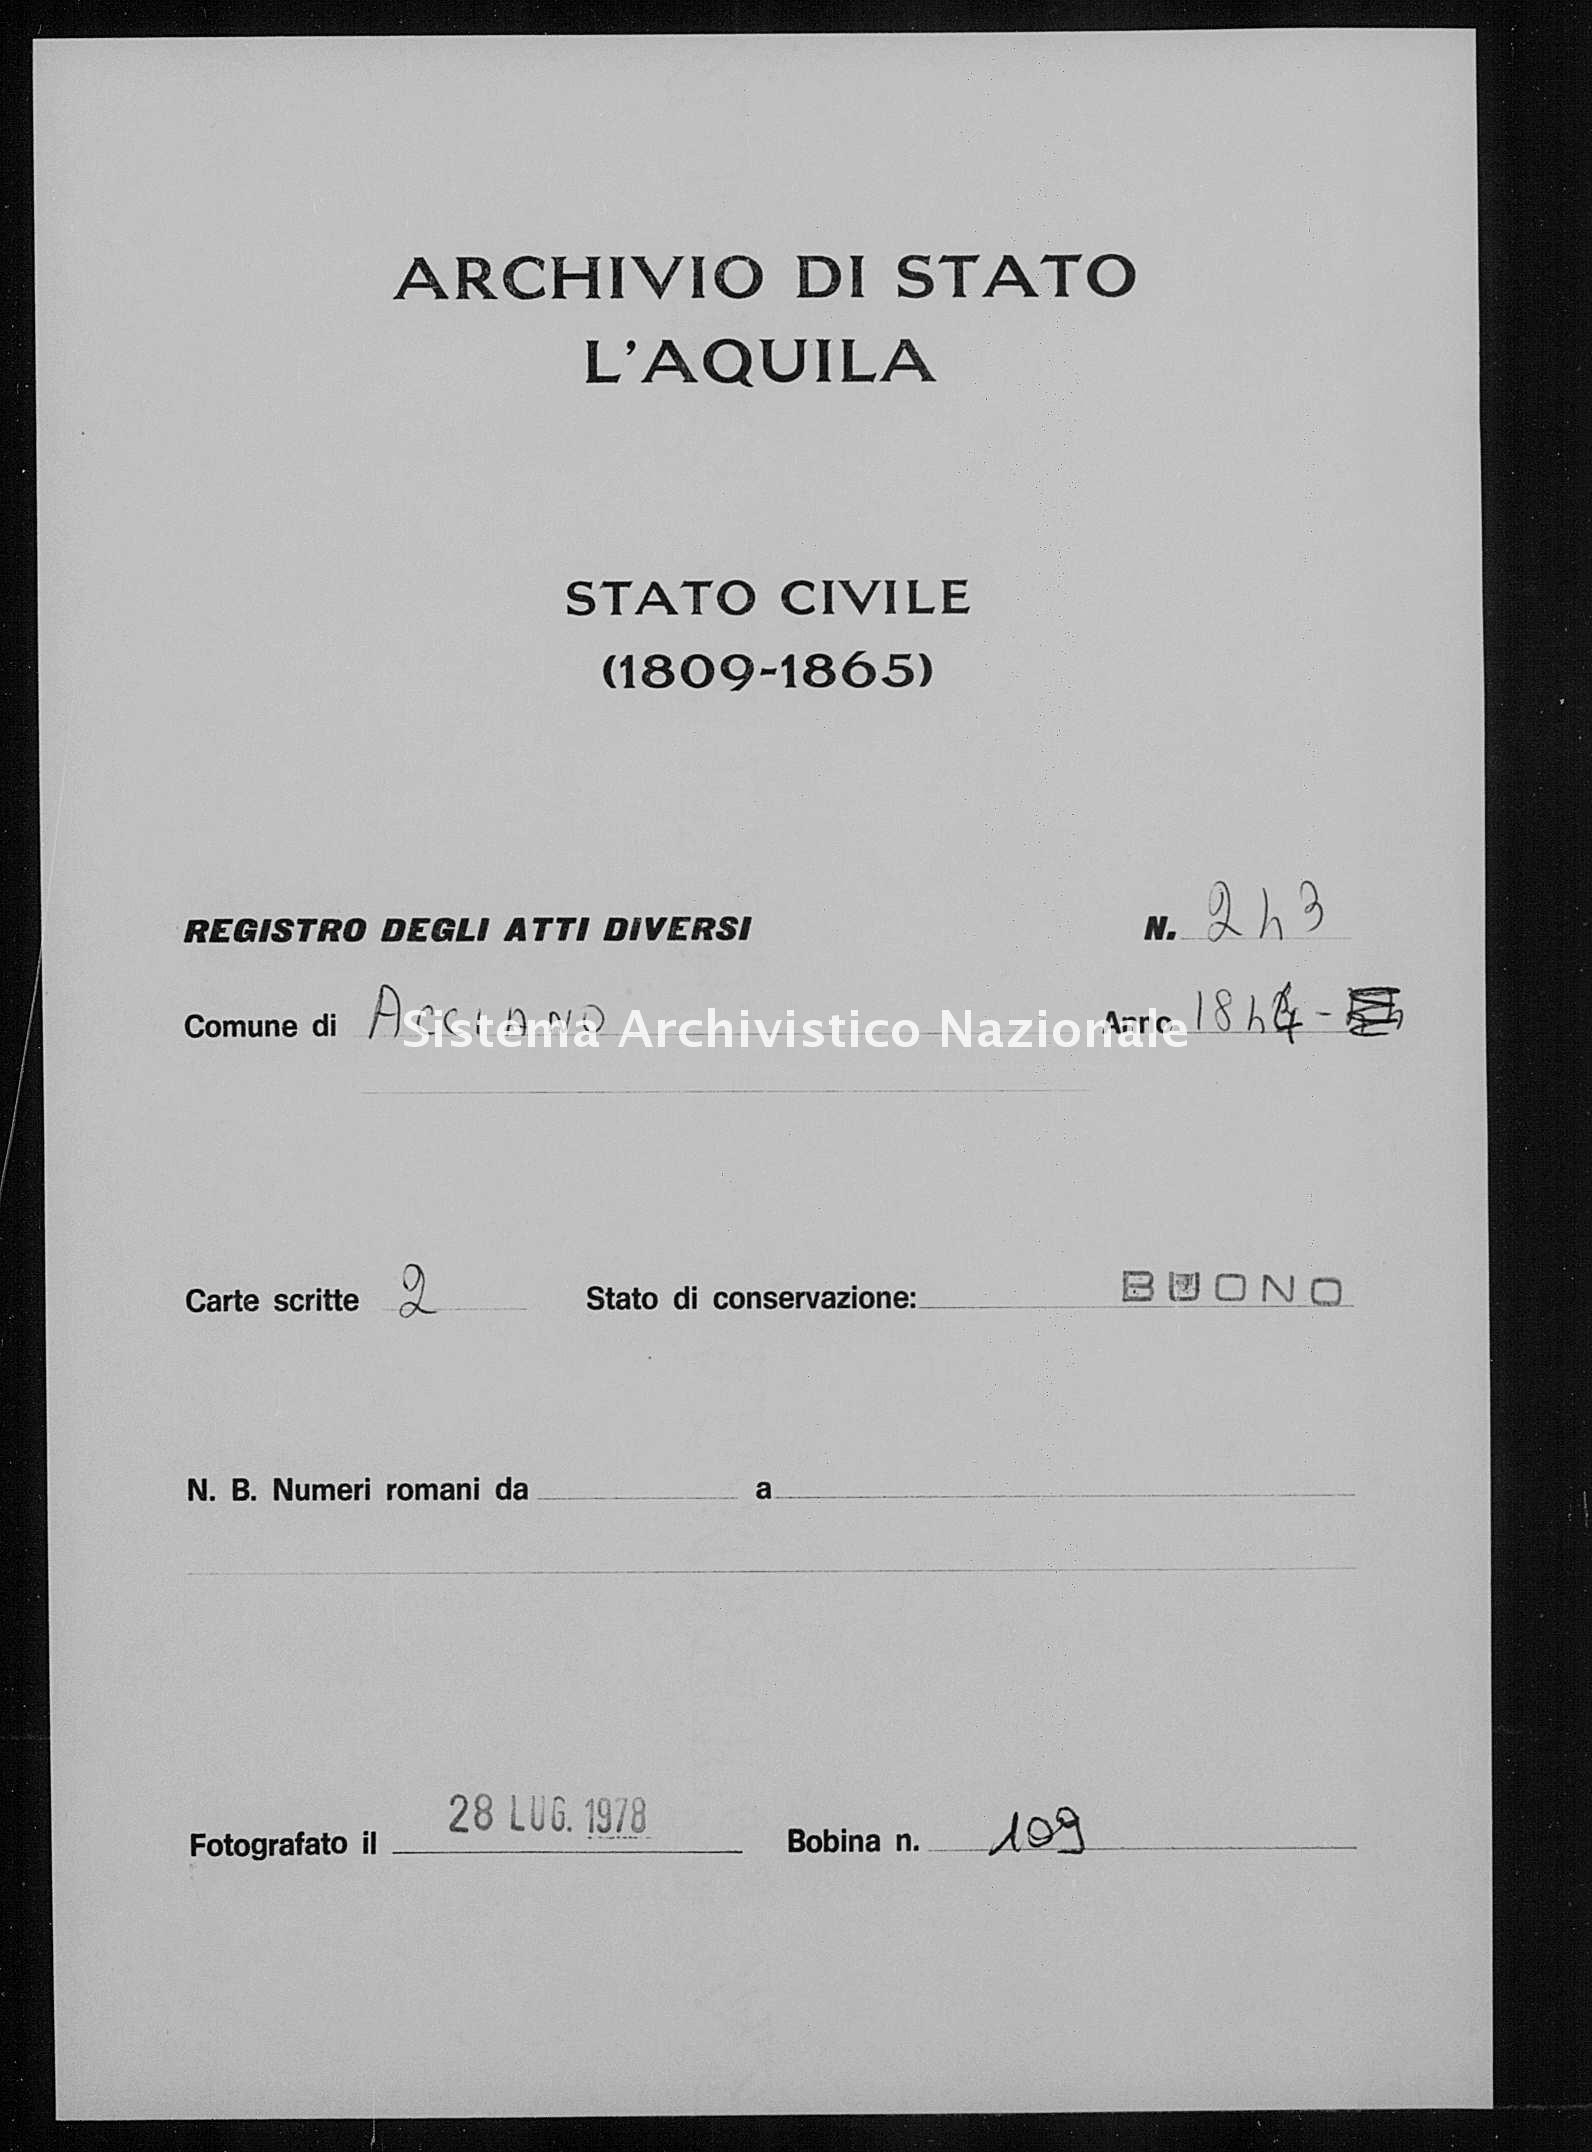 Archivio di stato di L'aquila - Stato civile della restaurazione - Acciano - Diversi - 1844 - 243 -